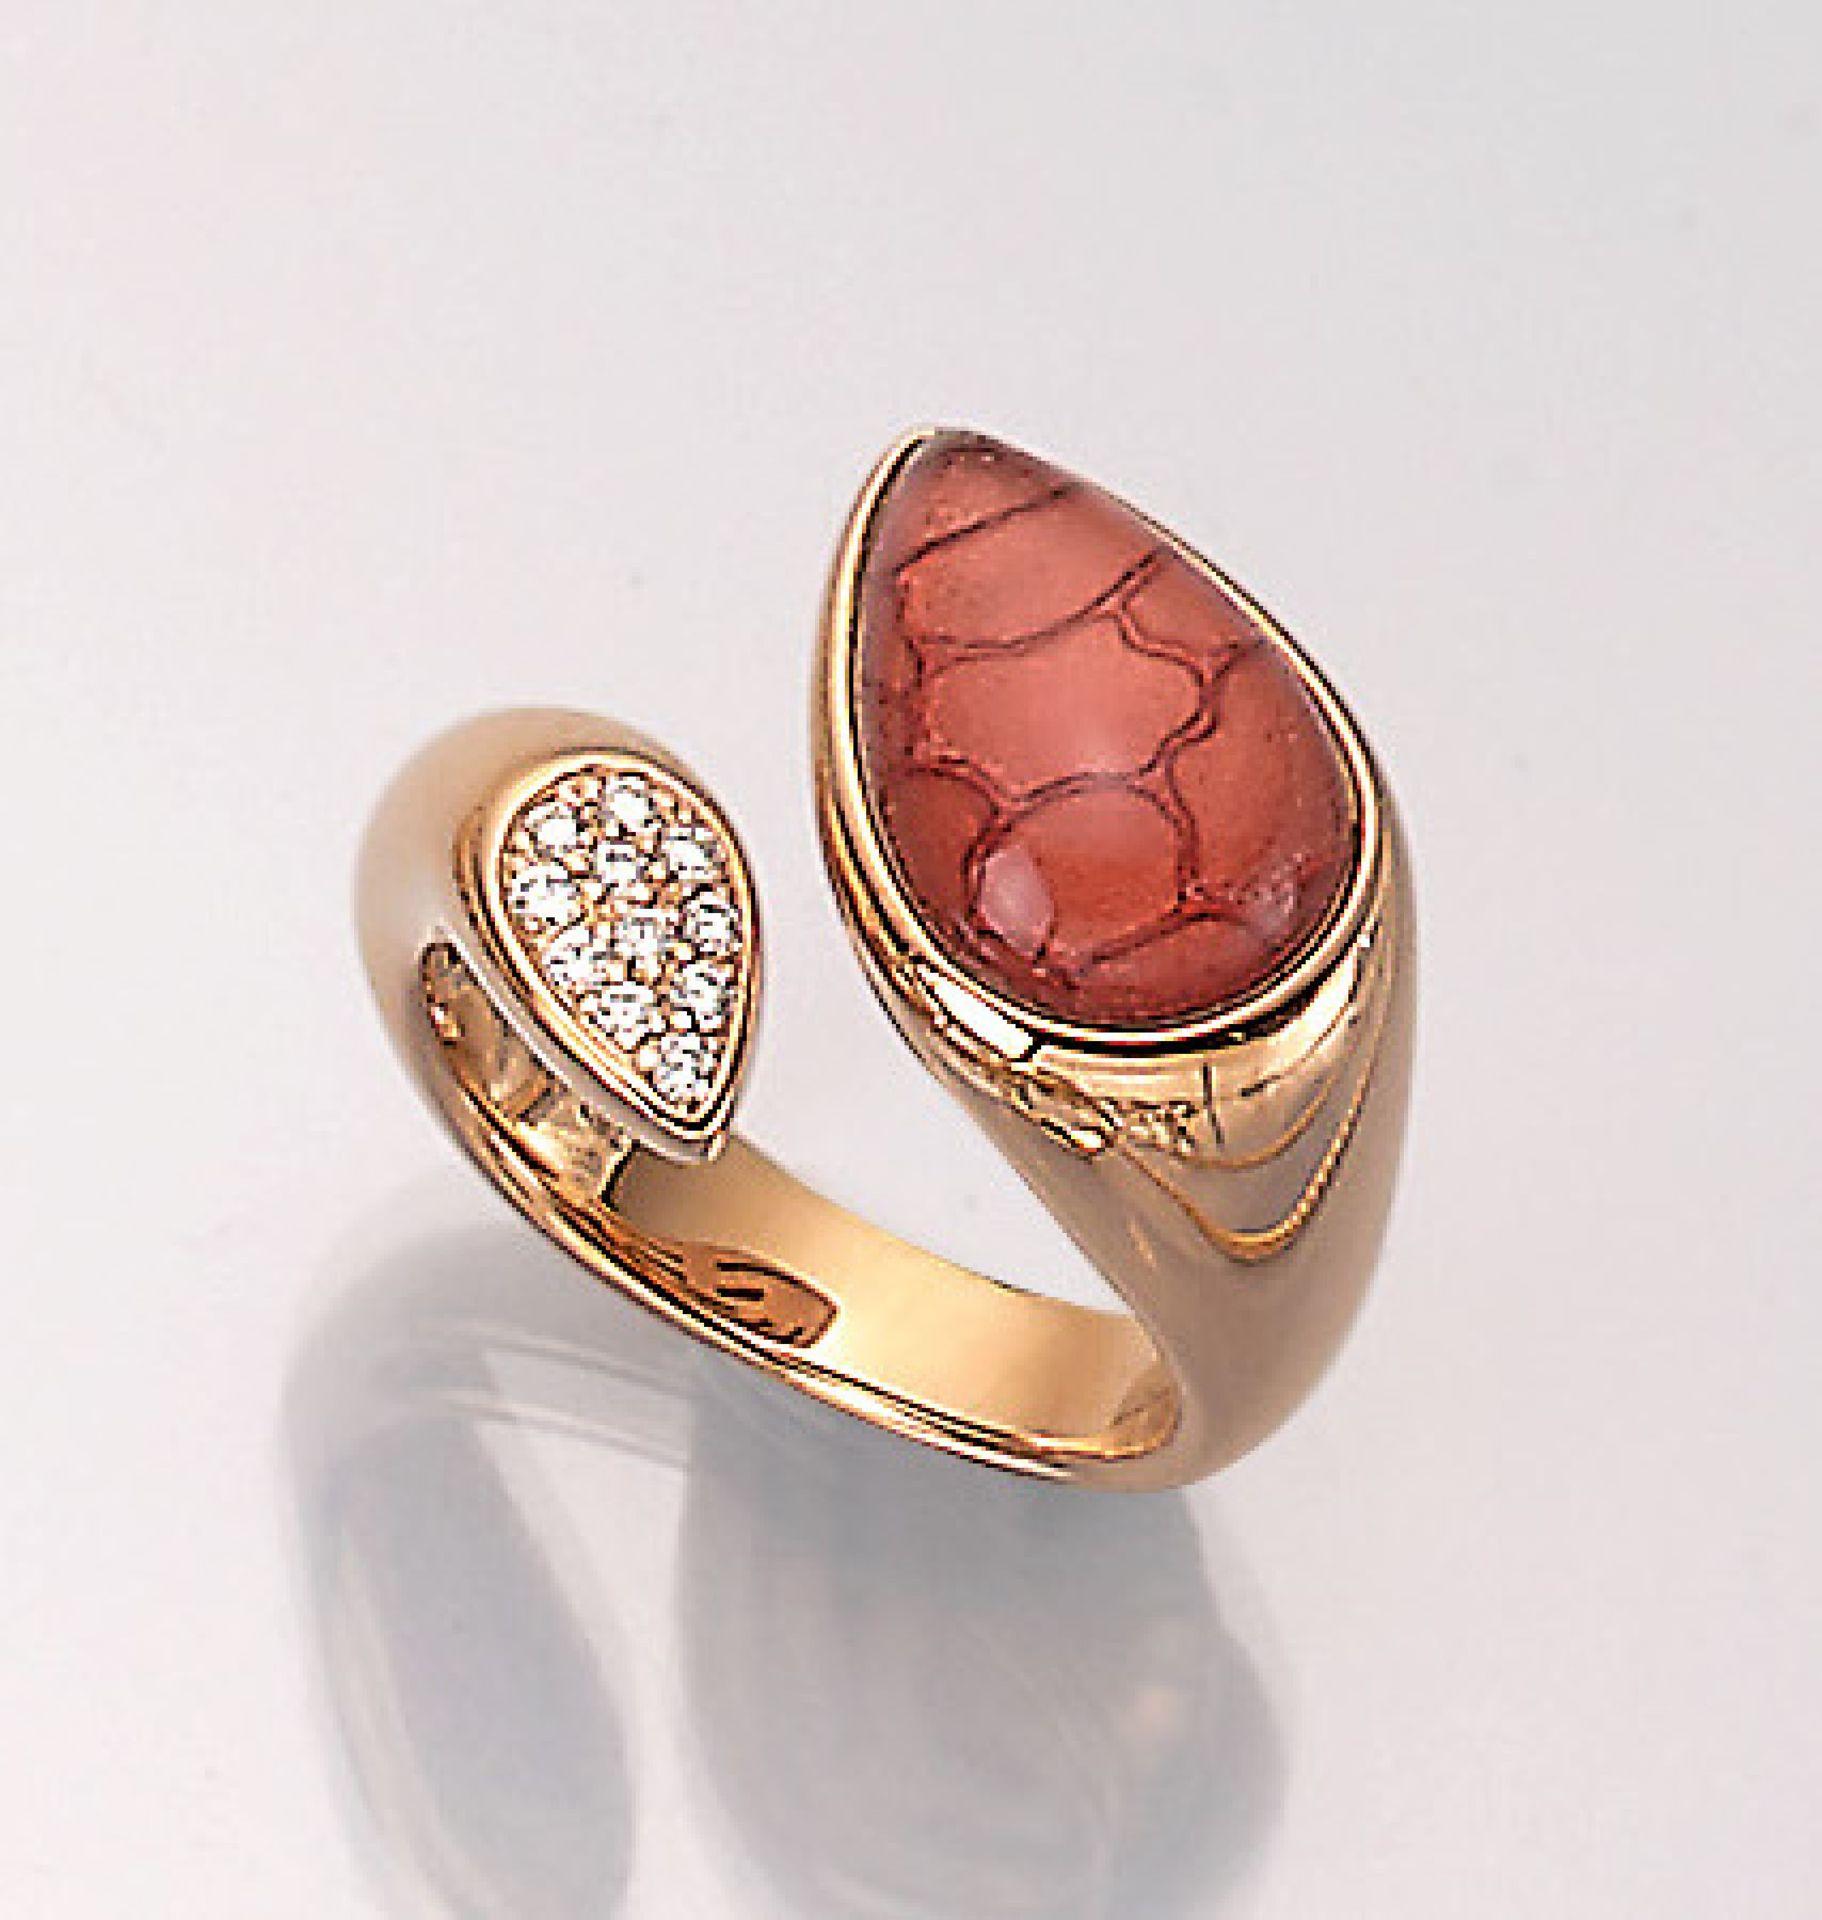 18 kt Gold LEO WITTWER Ring mit Diamanten, GG 750/000, rötliches Email unter Glas- tropfen,